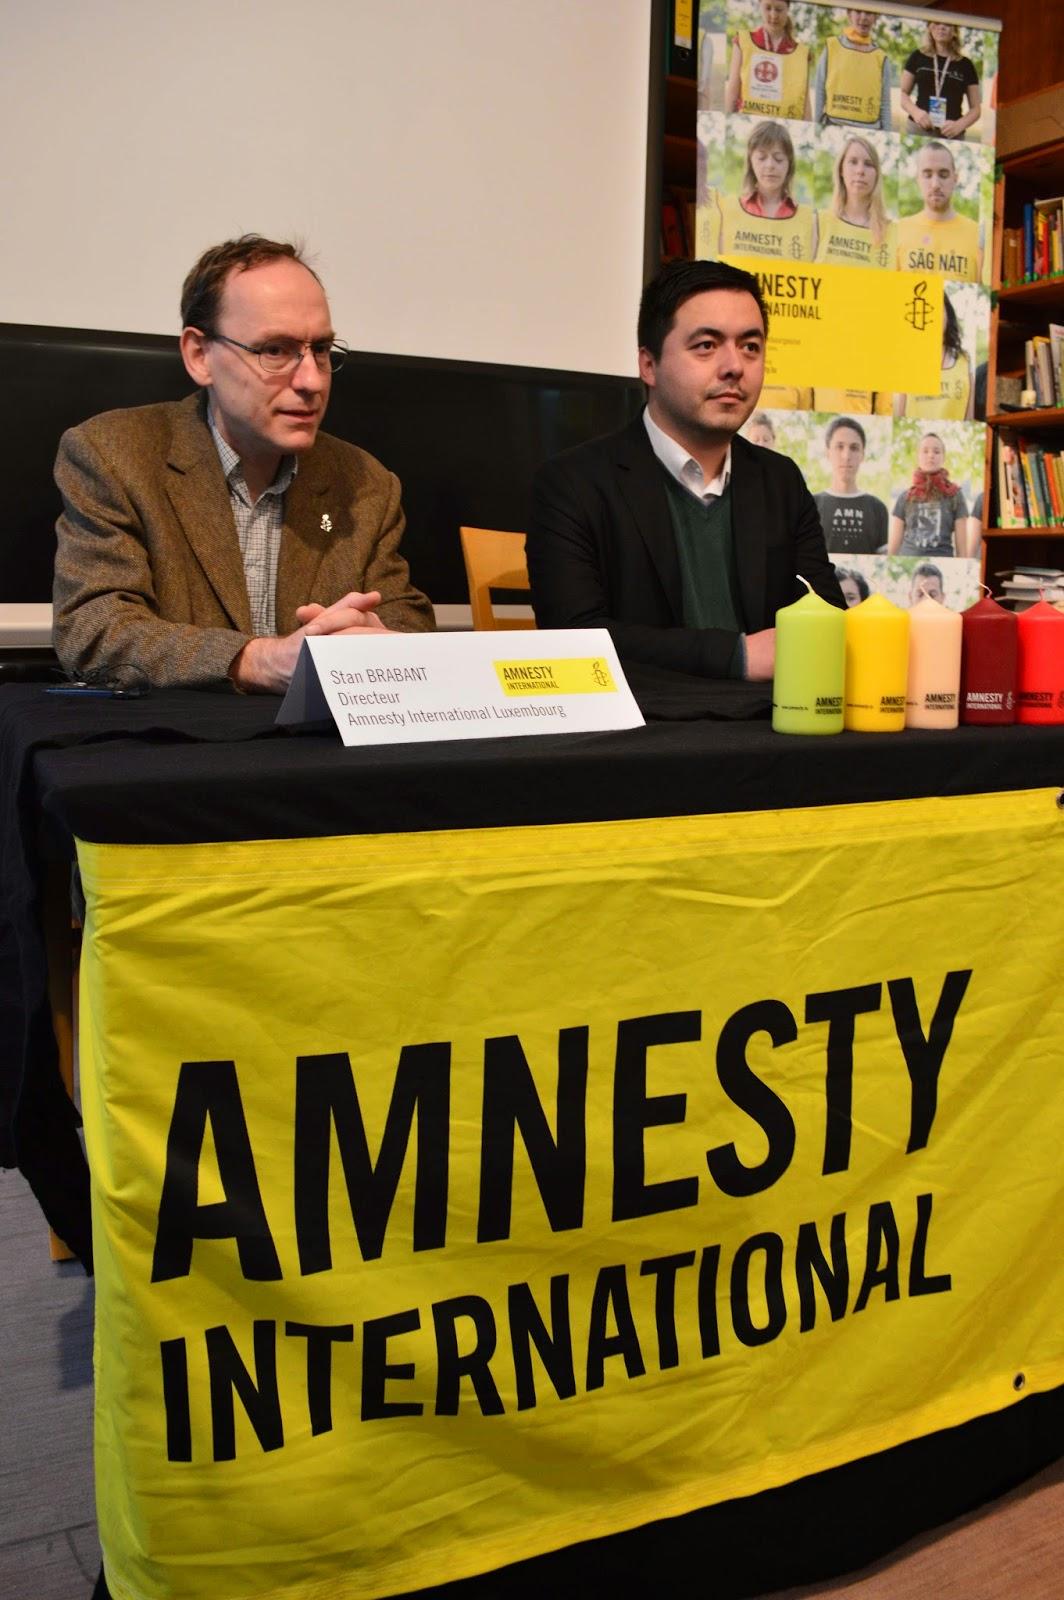 http://amnesty-luxembourg-photos.blogspot.com/2013/10/conference-debat-avec-le-directeur.html